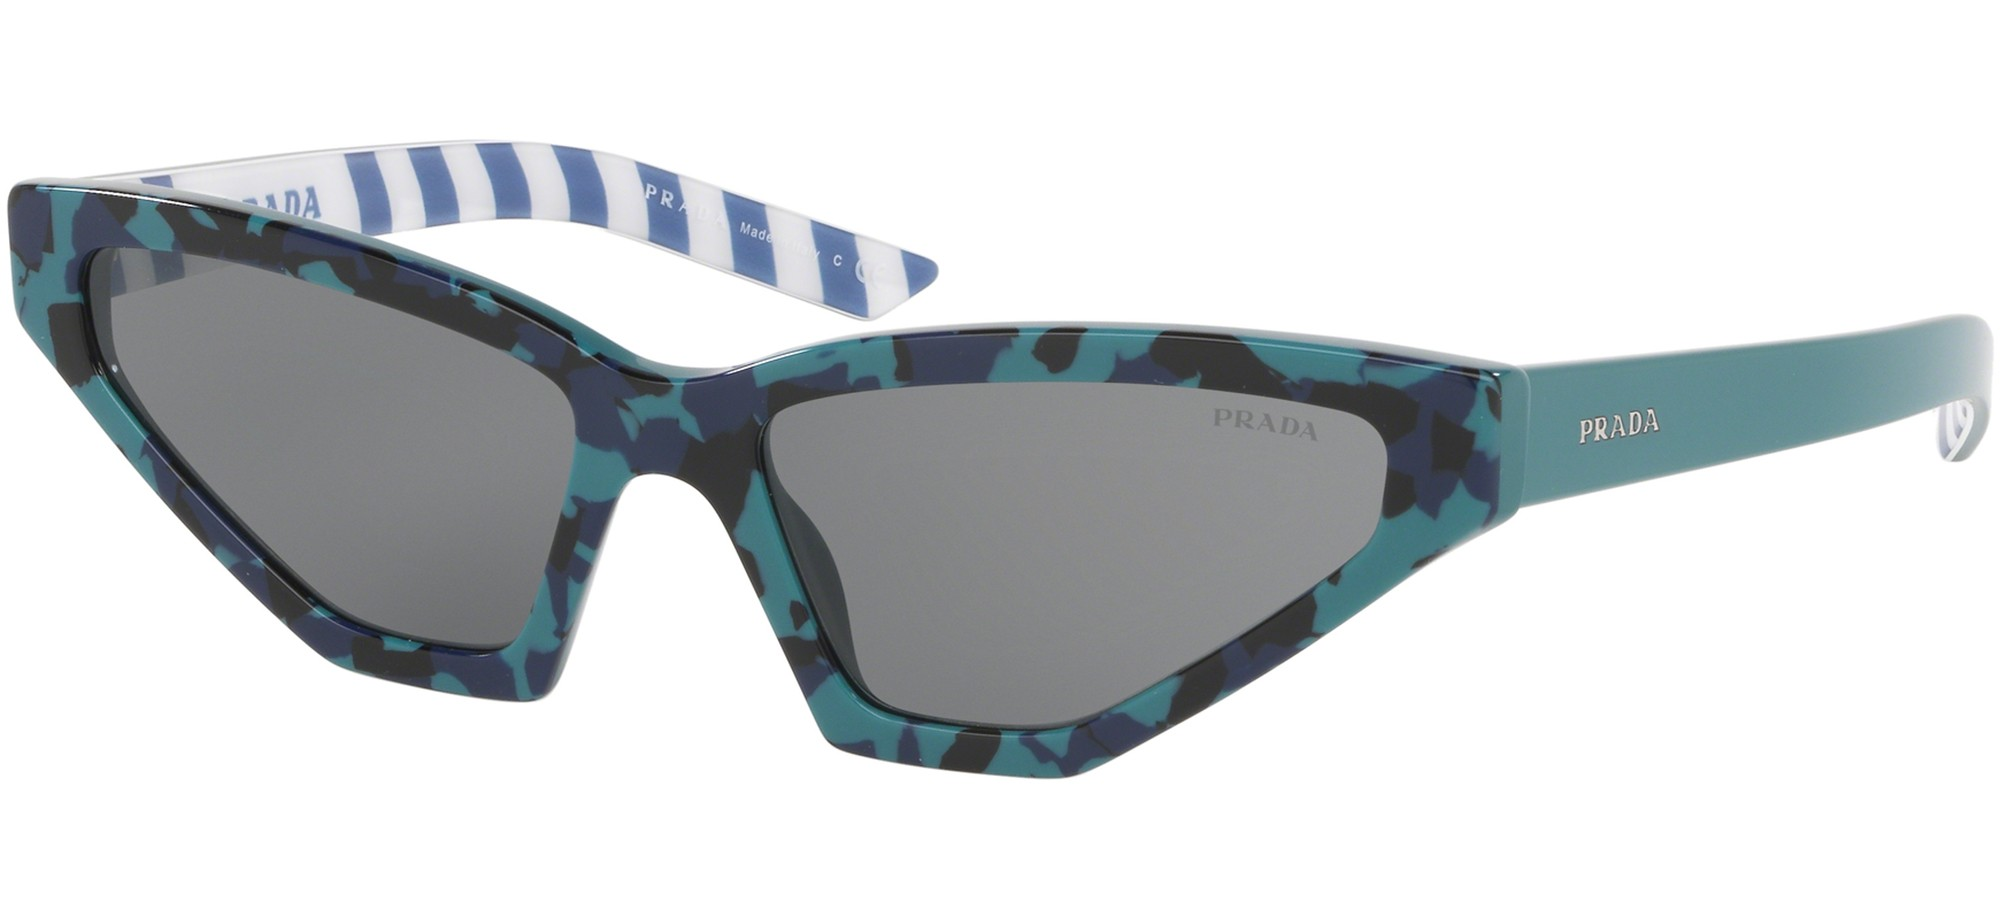 Prada solbriller PRADA MILLENNIALS PR 12VS